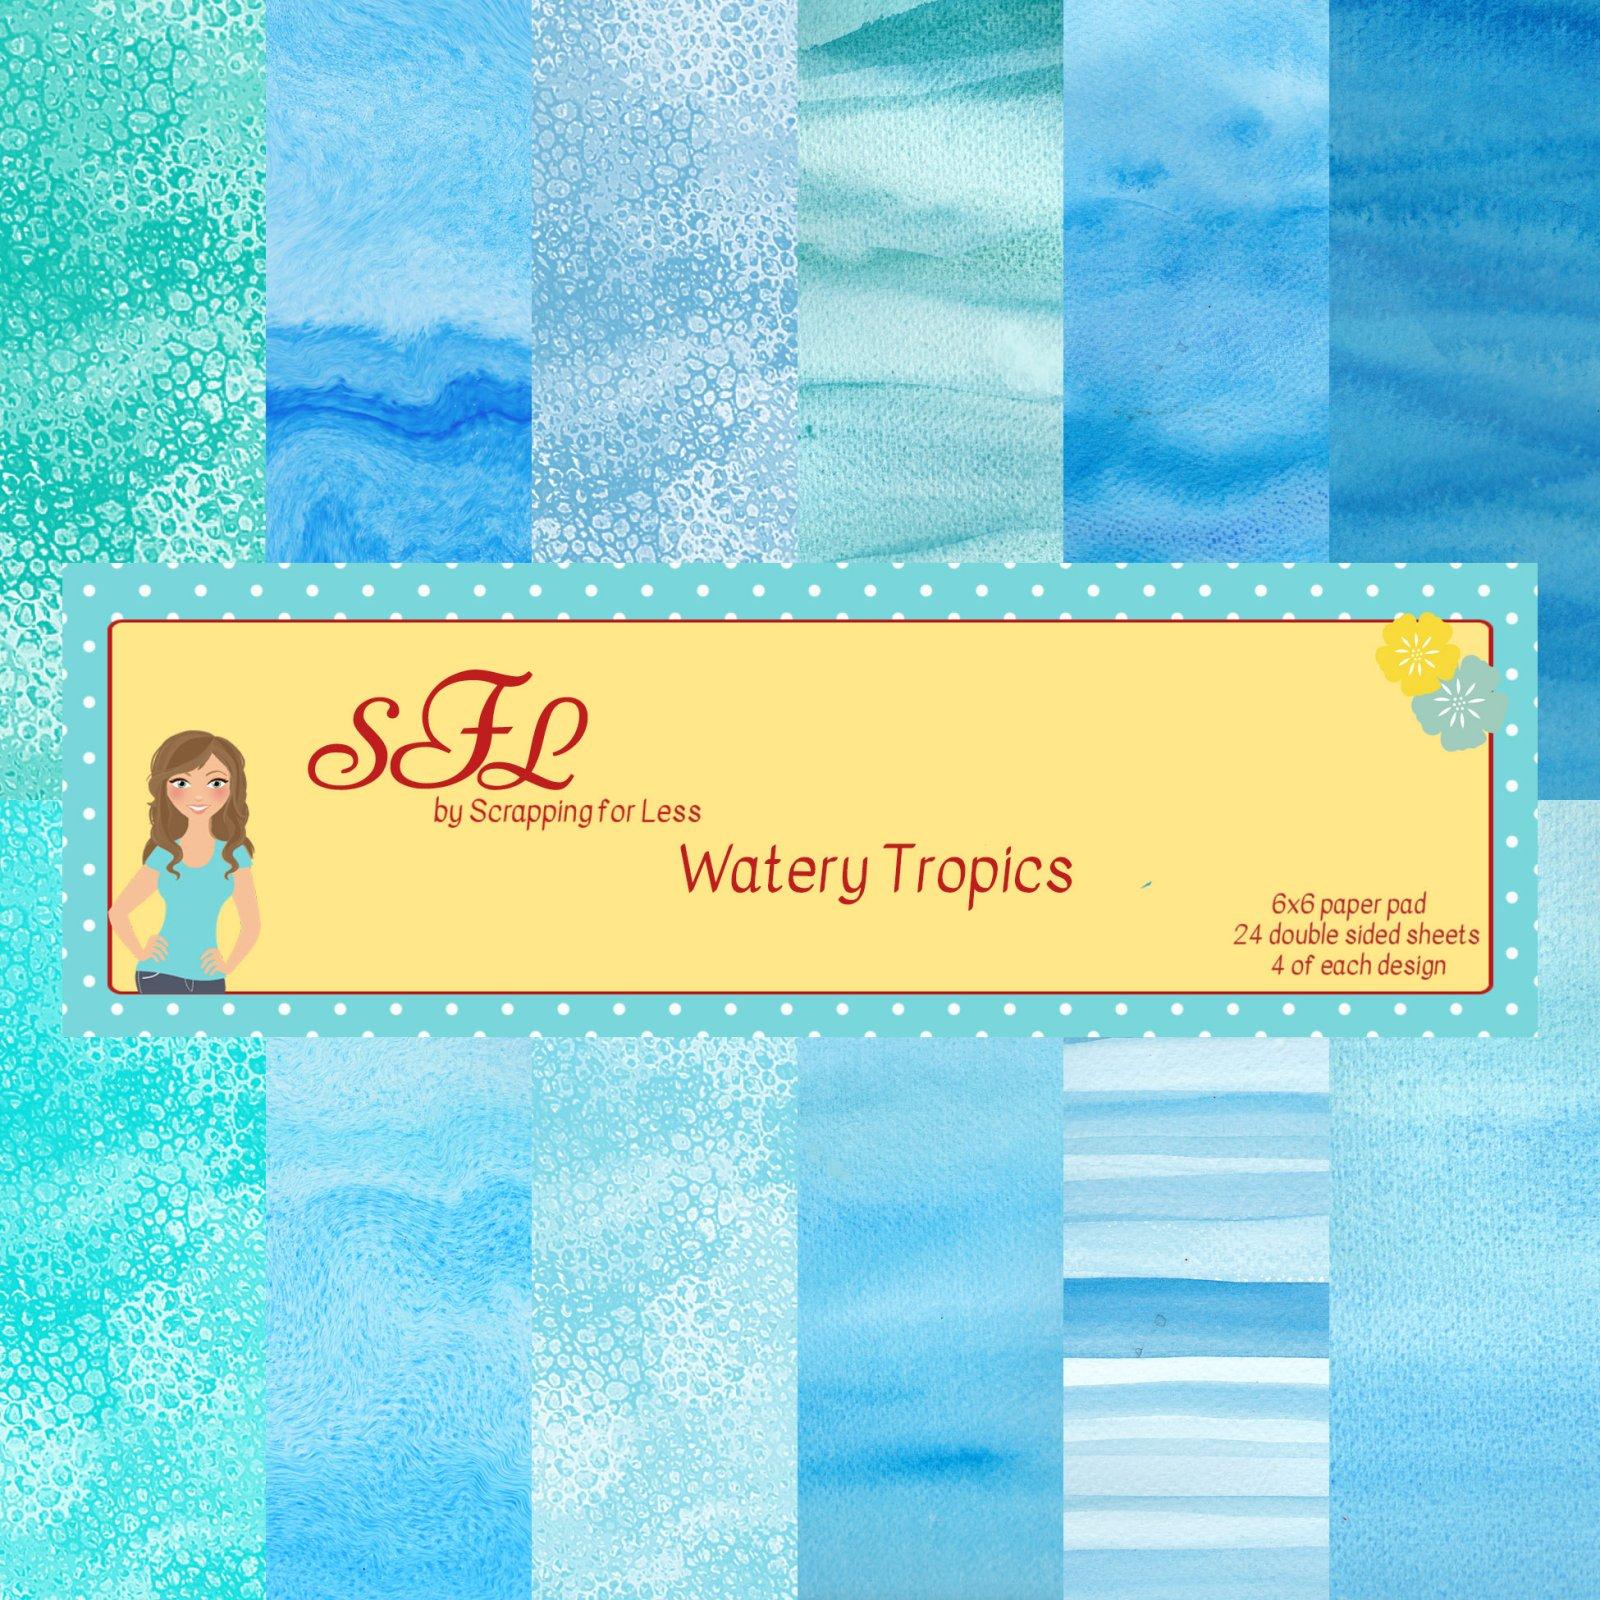 SFL Watery Tropics 6x6 Paper Pad